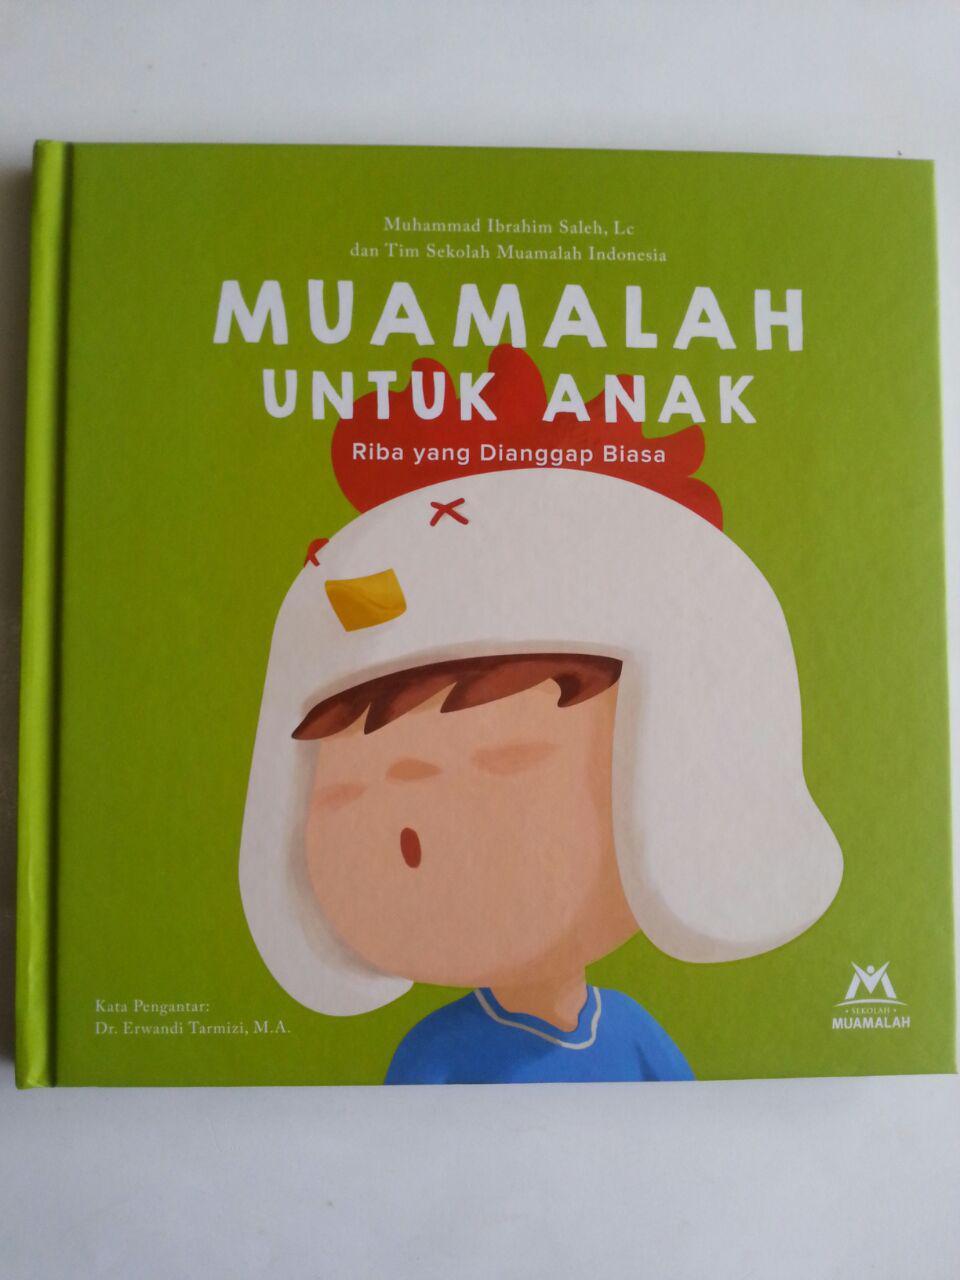 Buku Muamalah Untuk Anak Riba Yang Dianggap Biasa cover 2